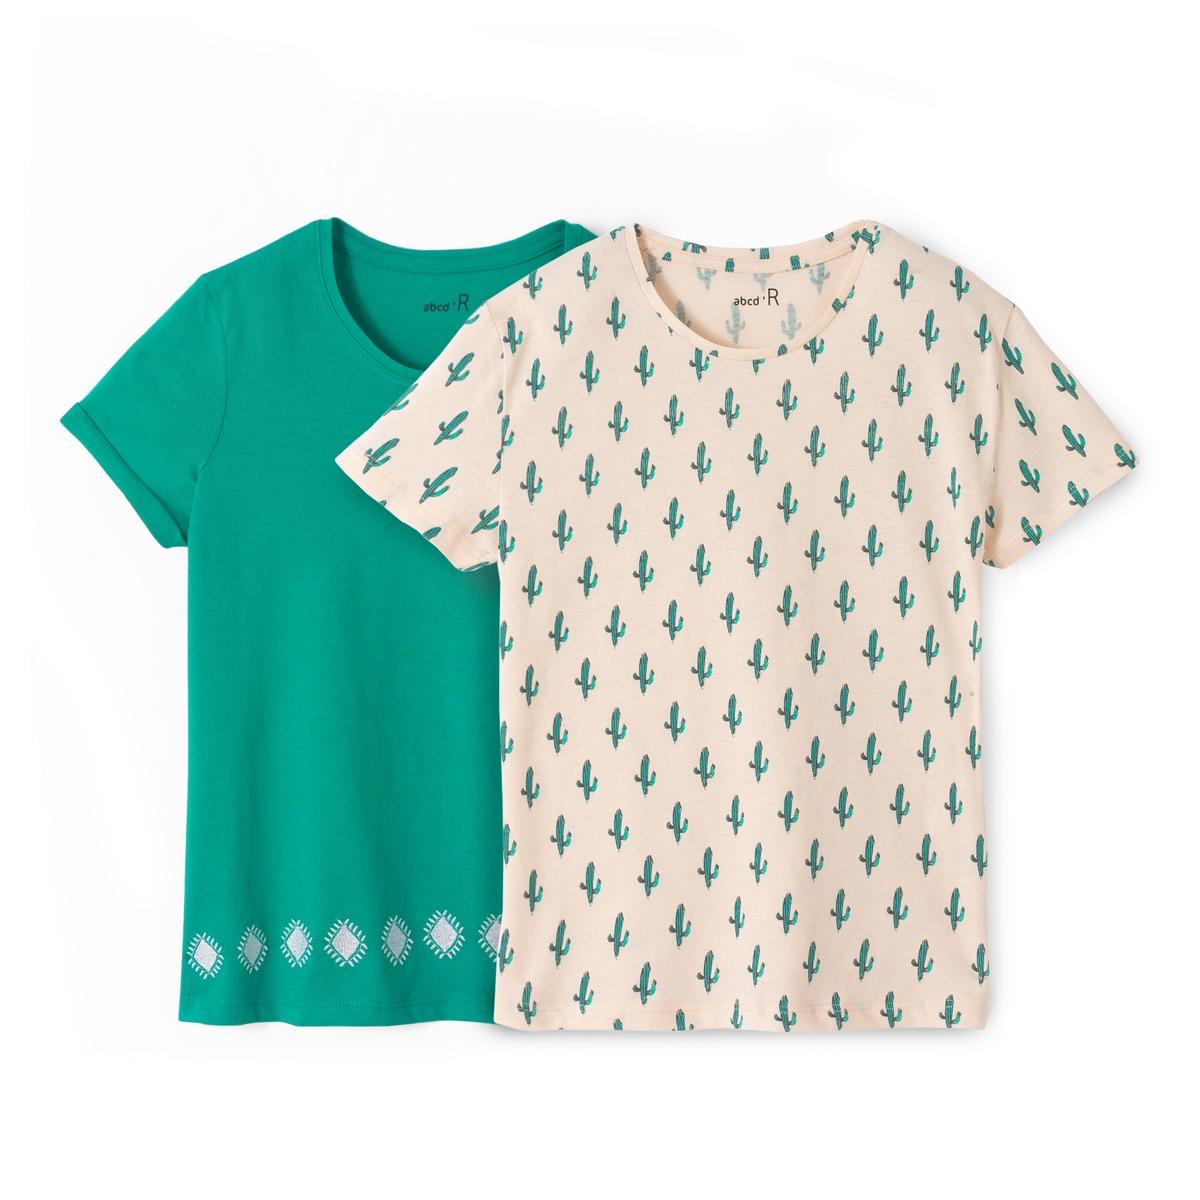 Комплект из 2 футболок с короткми рукавами, 3-12 лет